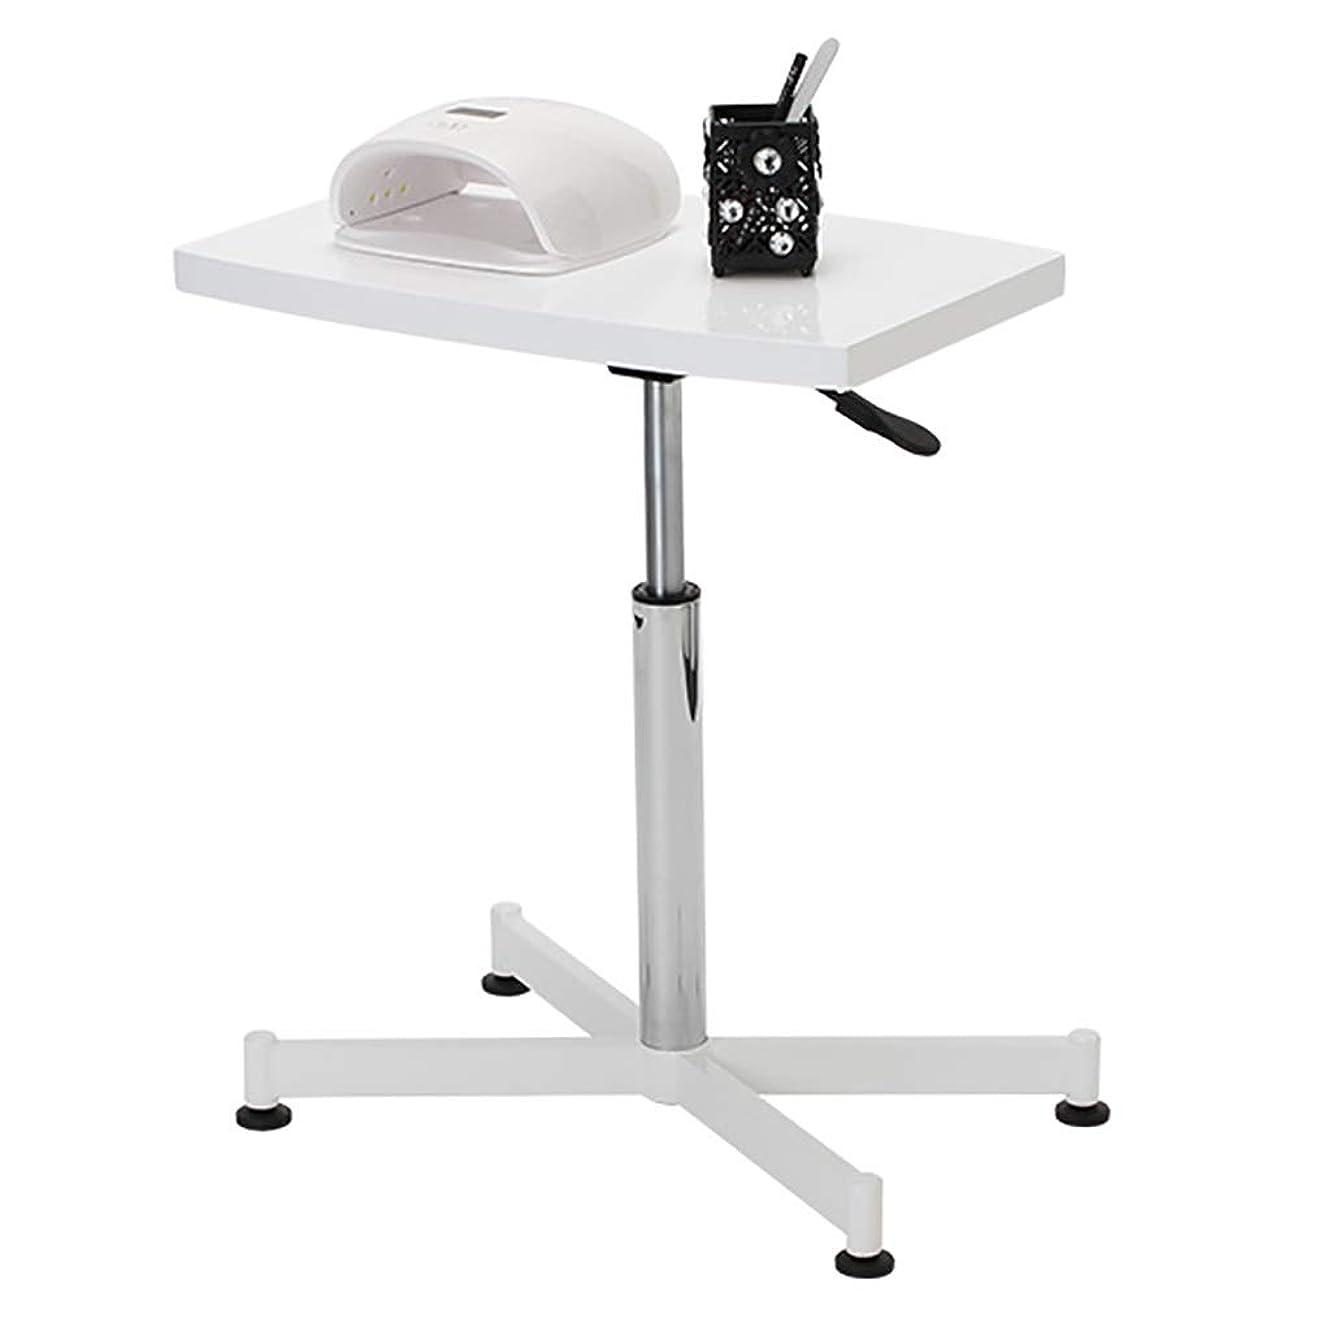 協同無一文メトロポリタンマニキュアテーブルネイルプレートマニキュアテーブルは360度回転ネイルテーブル/美容カートを上下させることができます